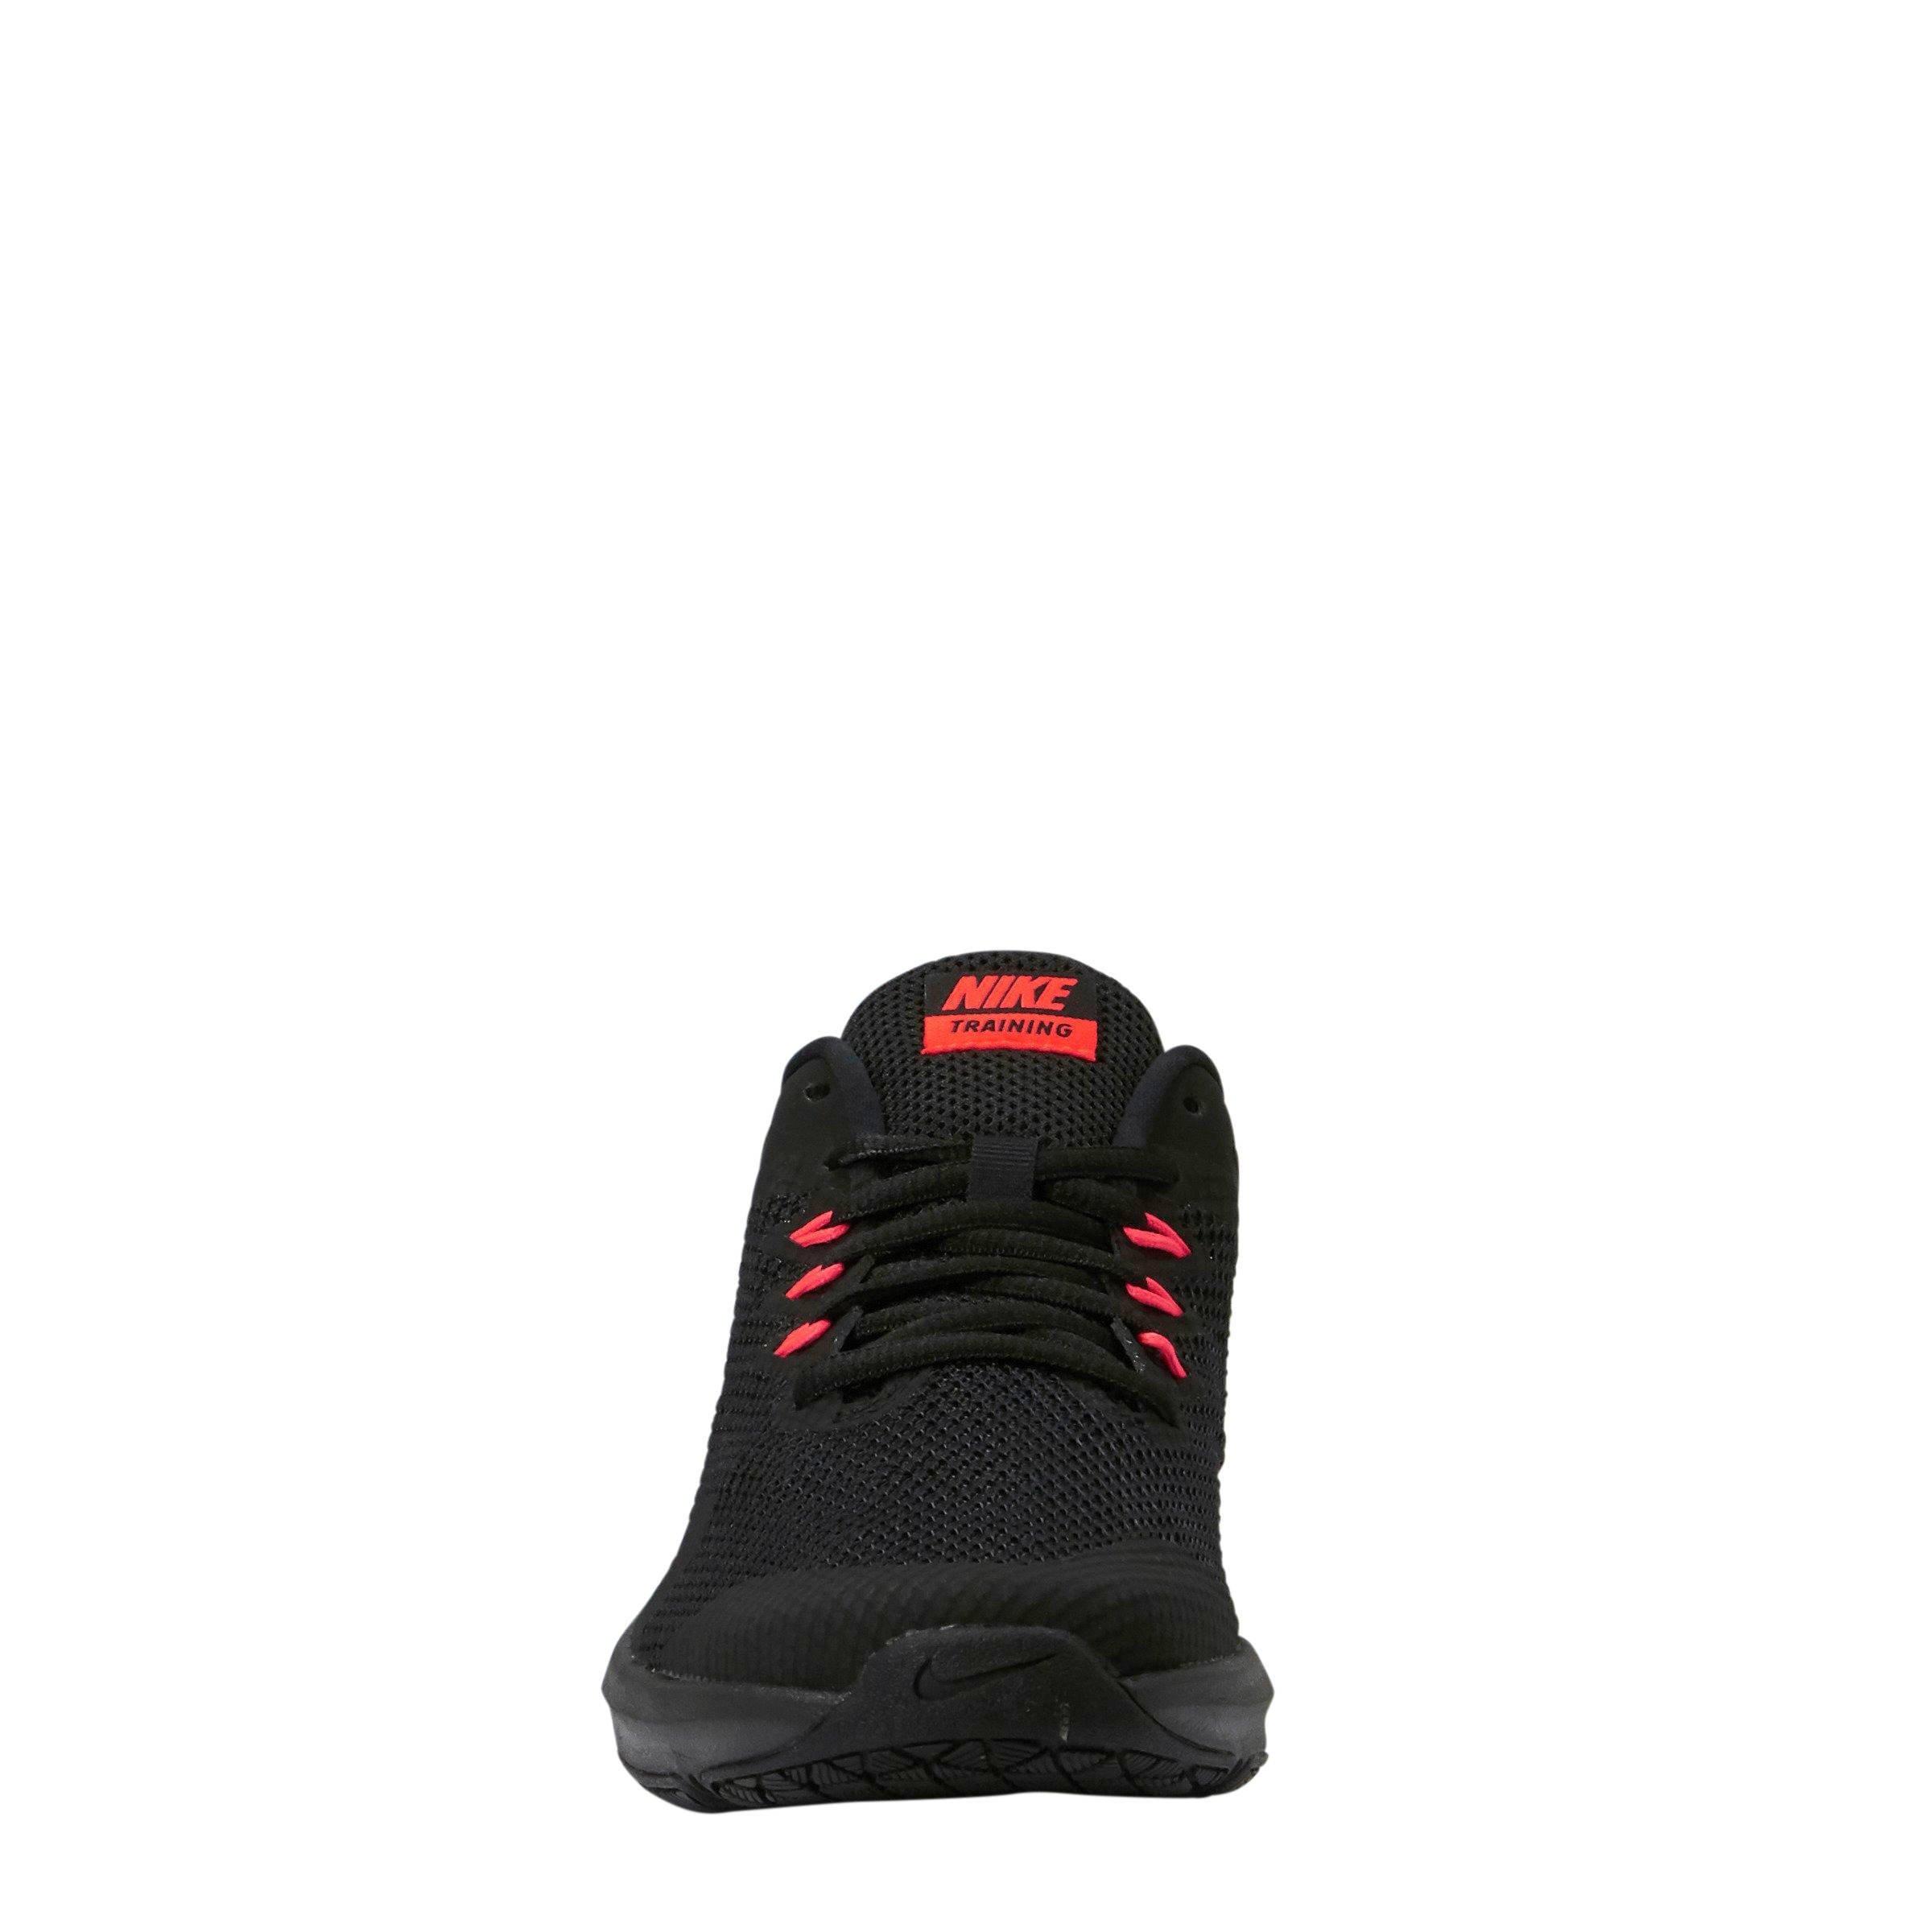 free shipping af4f6 1de83 nike-air-max-alpha-trainer-fitness-schoenen-zwart-0826220724478.jpg